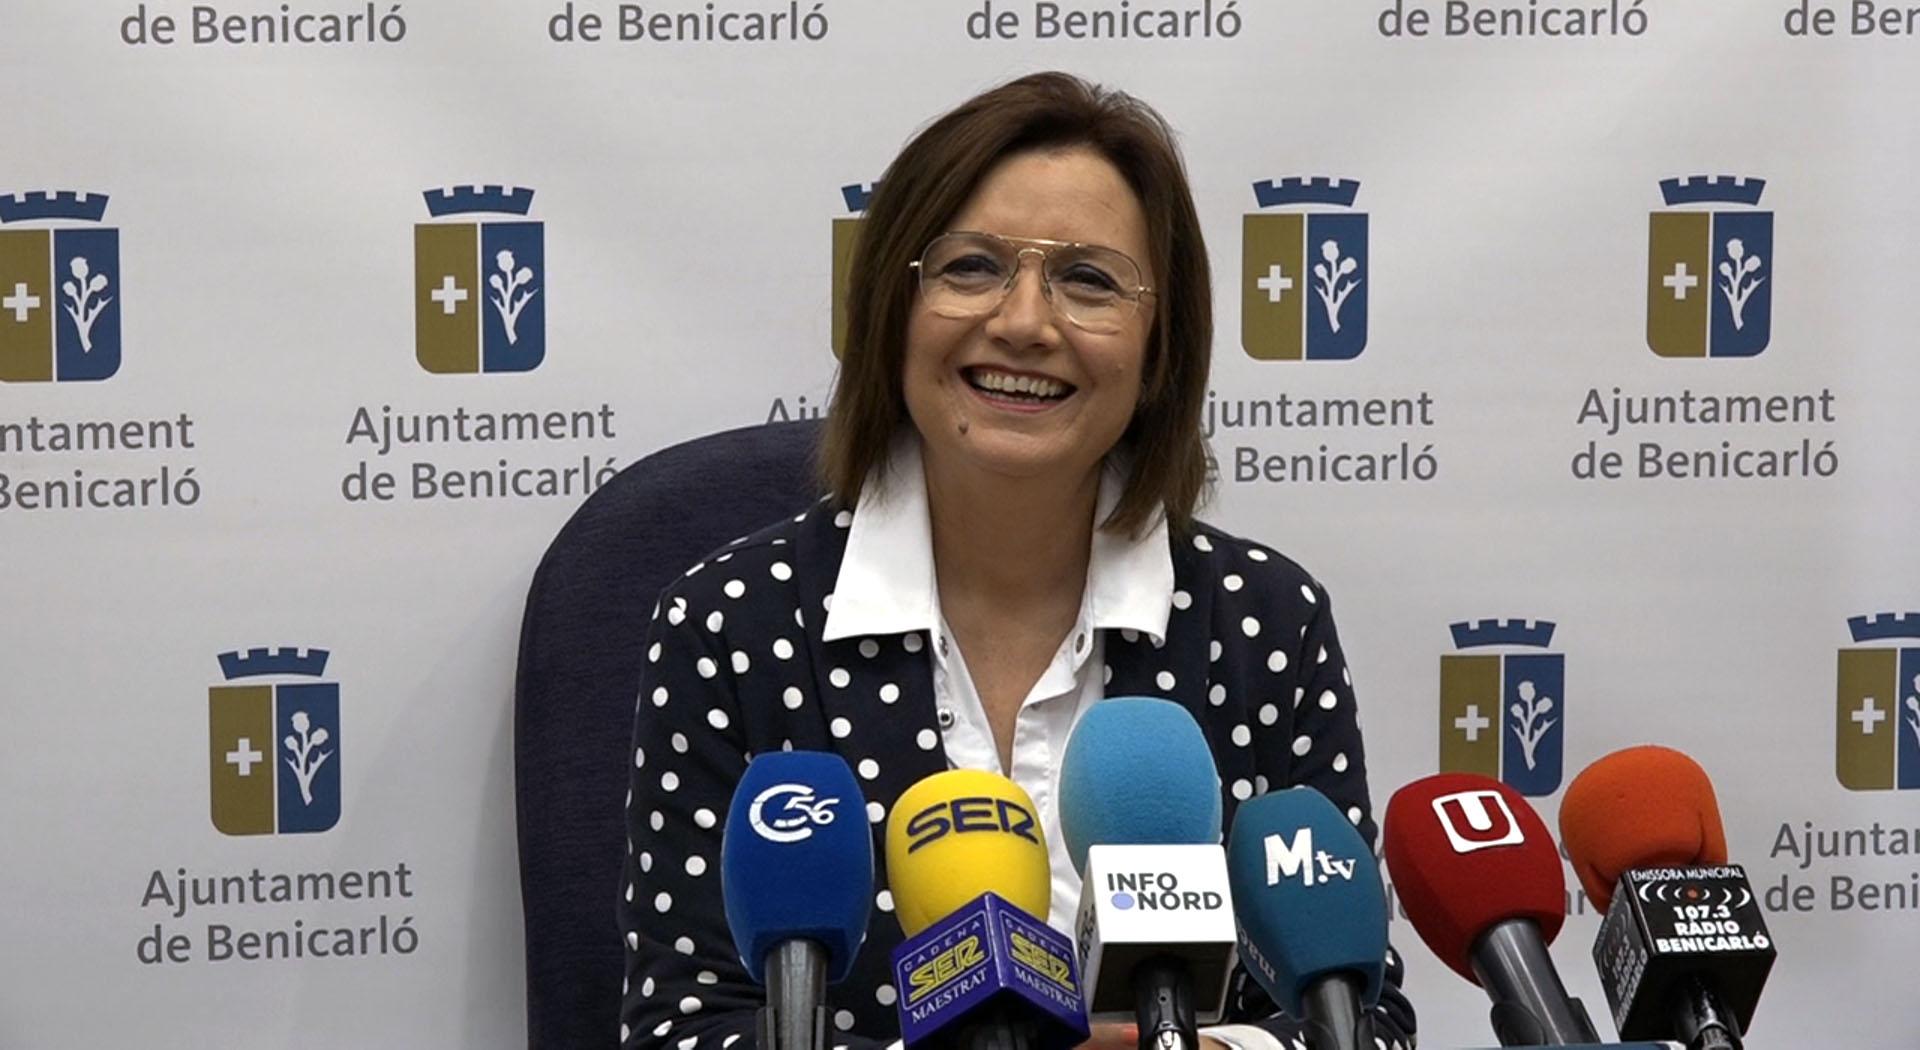 Benicarló destinarà 1,5 milions d'euros dels romanents 2017 a executar millores a la localitat